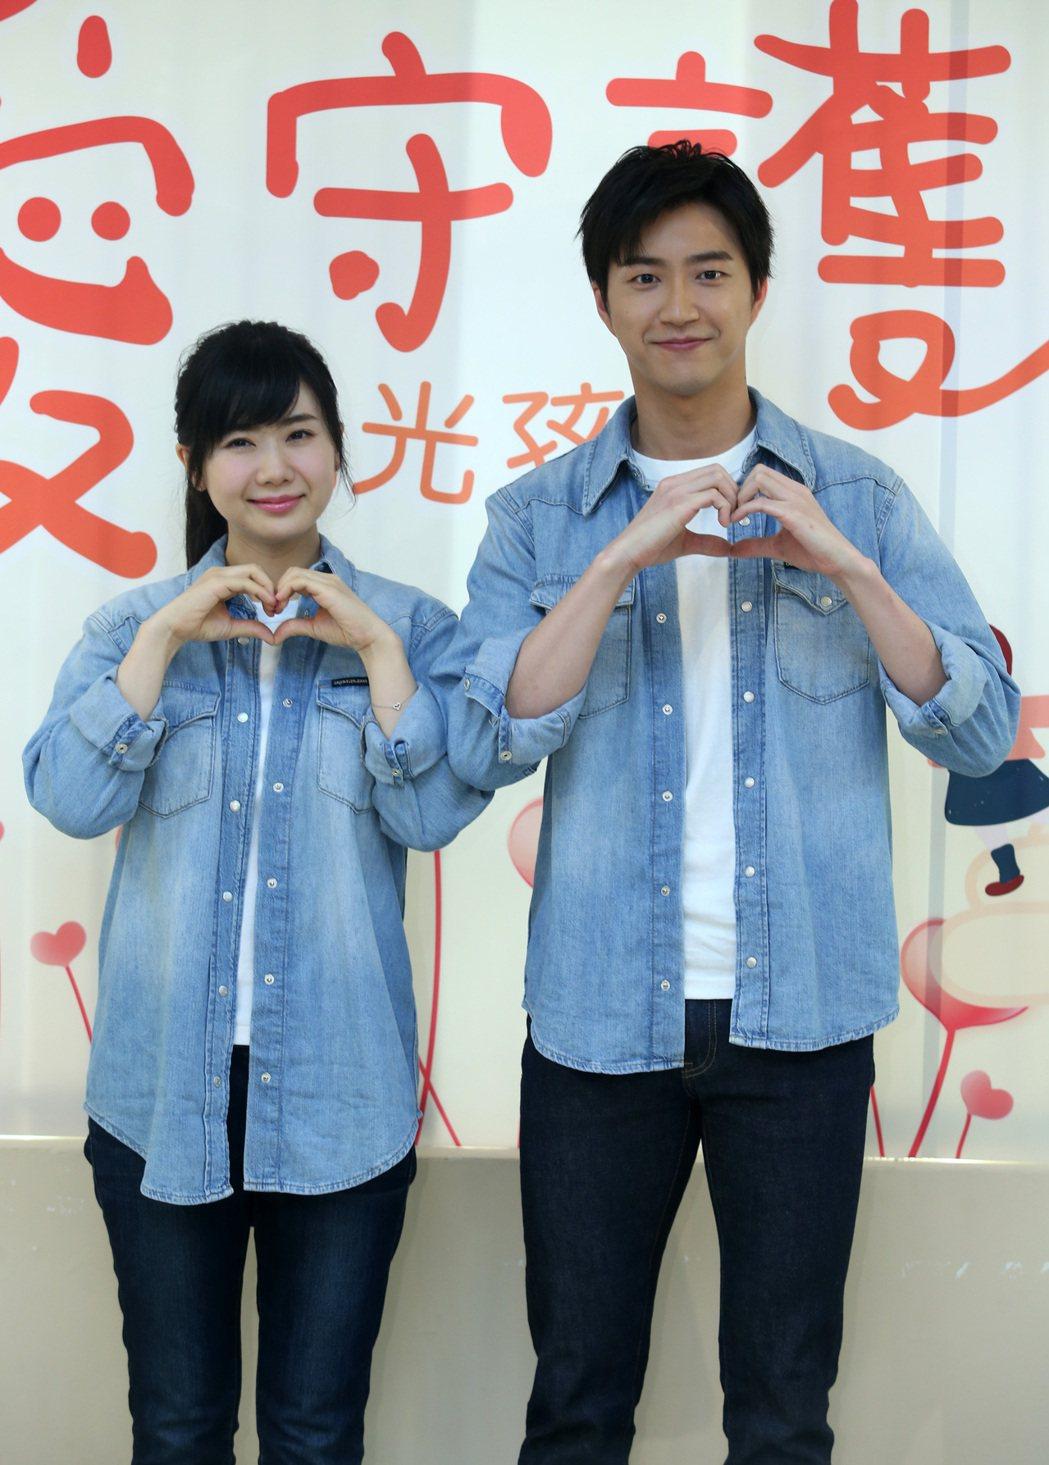 桌球界銀色夫妻江宏傑、福原愛傳婚變,引起台日媒體關注。本報資料照片